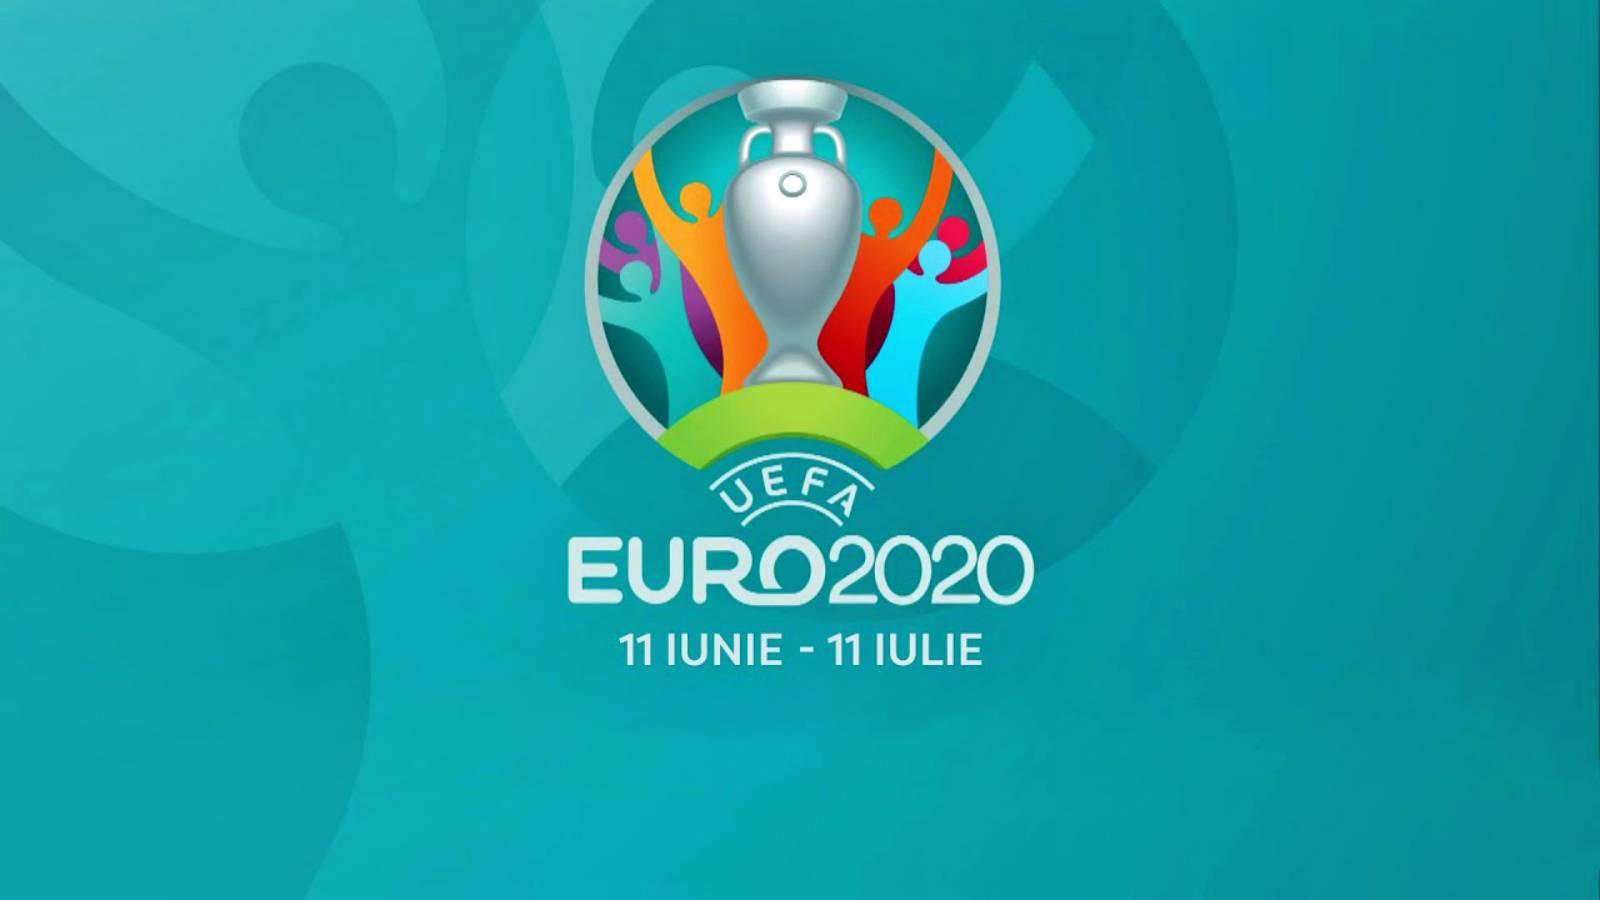 EURO 2020 8 Echipe Calificate Optimi